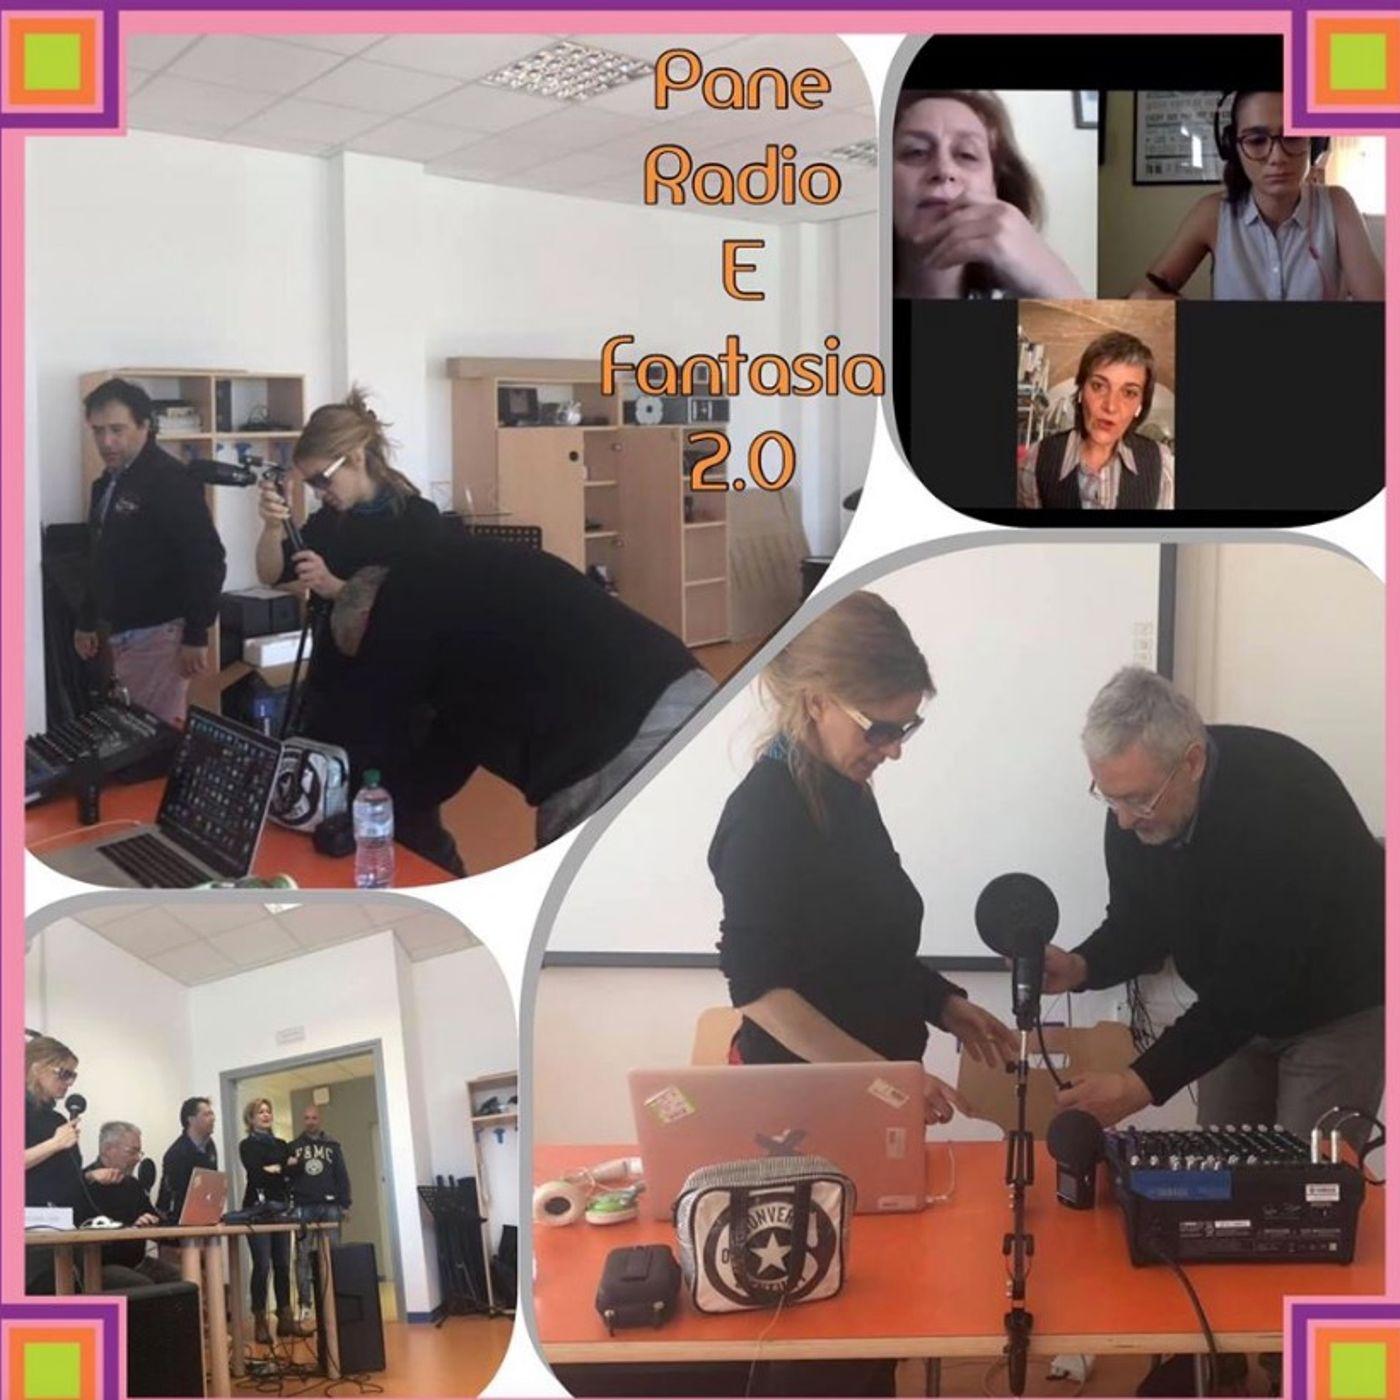 Cattività 63 - Progetto PANE RADIO E FANTASIA (l'esame)